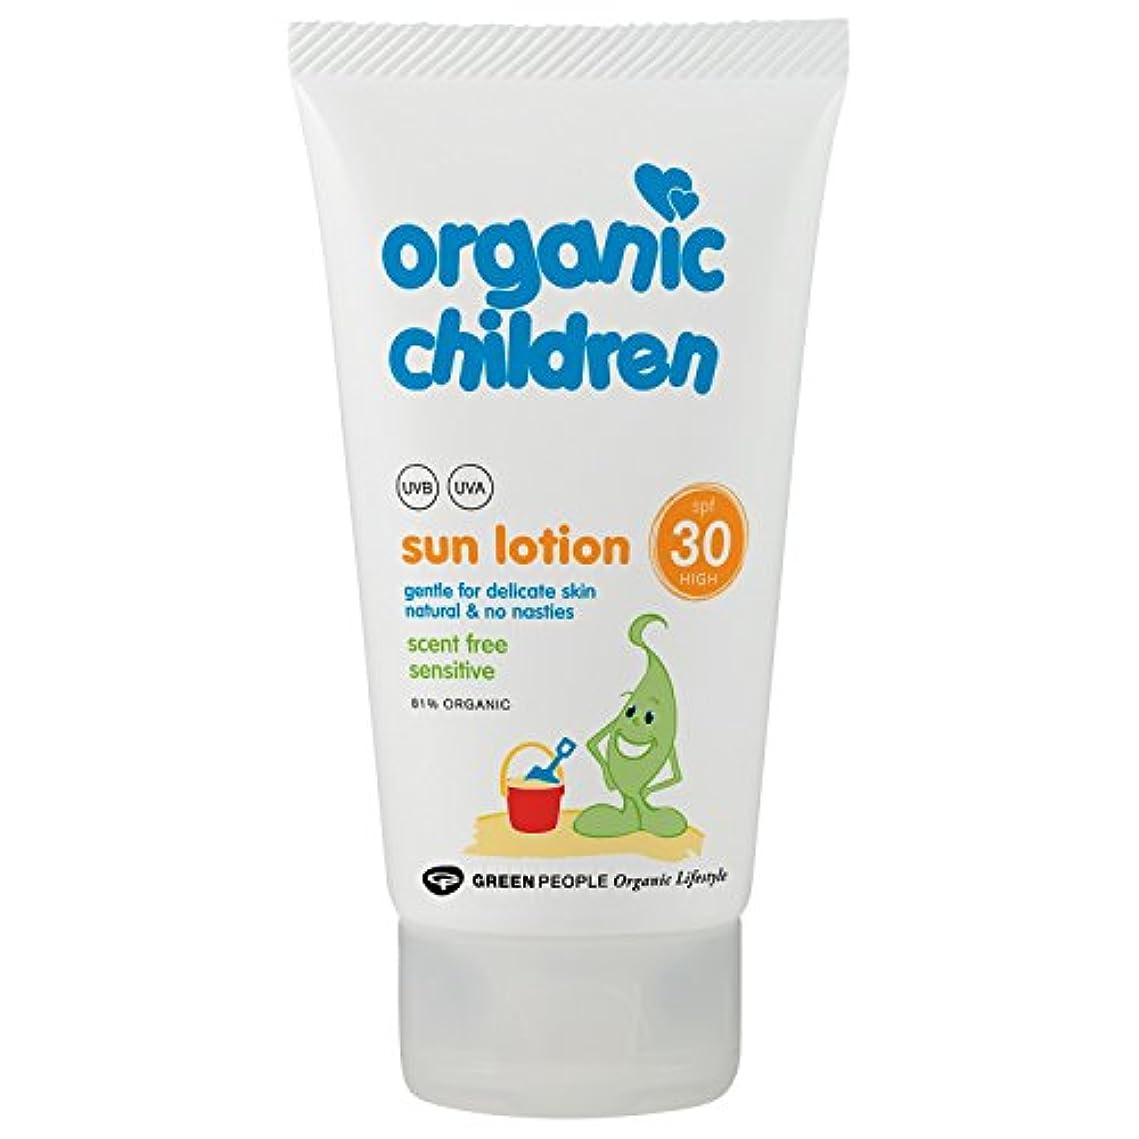 珍味不愉快に貼り直す有機子どもたちは30日のローション150グラムを x4 - Organic Children SPF 30 Sun Lotion 150g (Pack of 4) [並行輸入品]